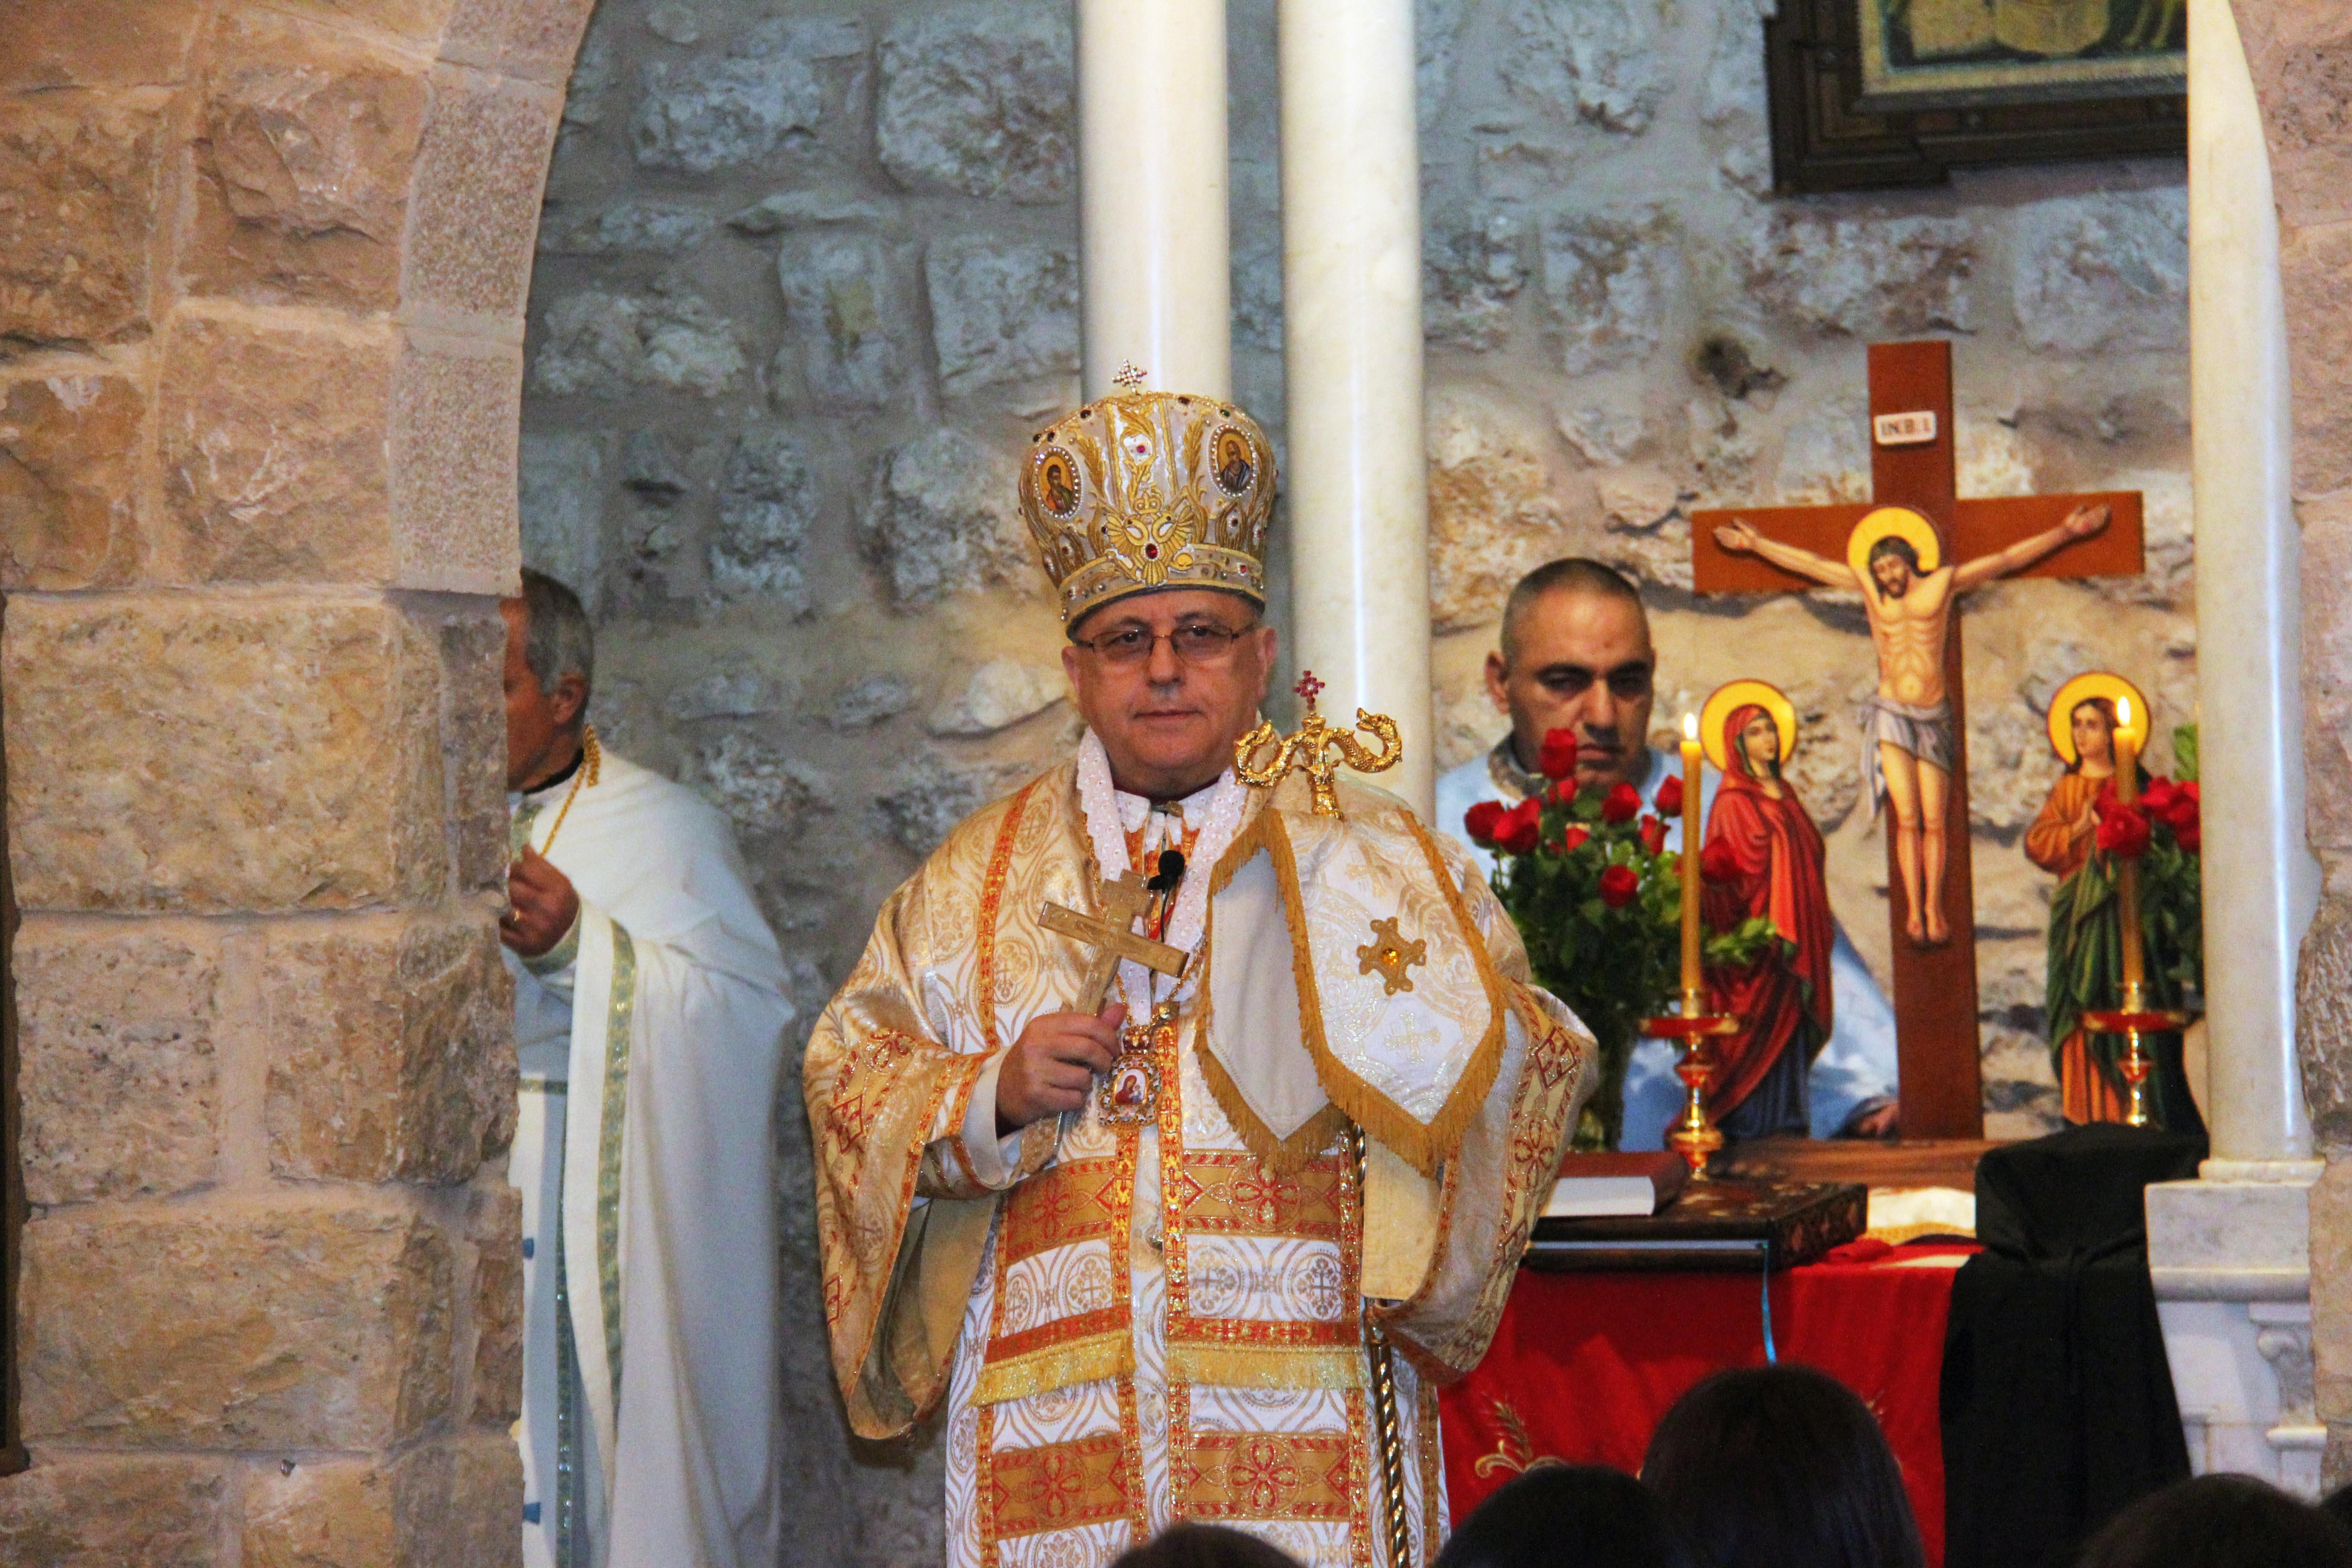 Melkite Catholic Archbishop Issam John Darwish of Zahle